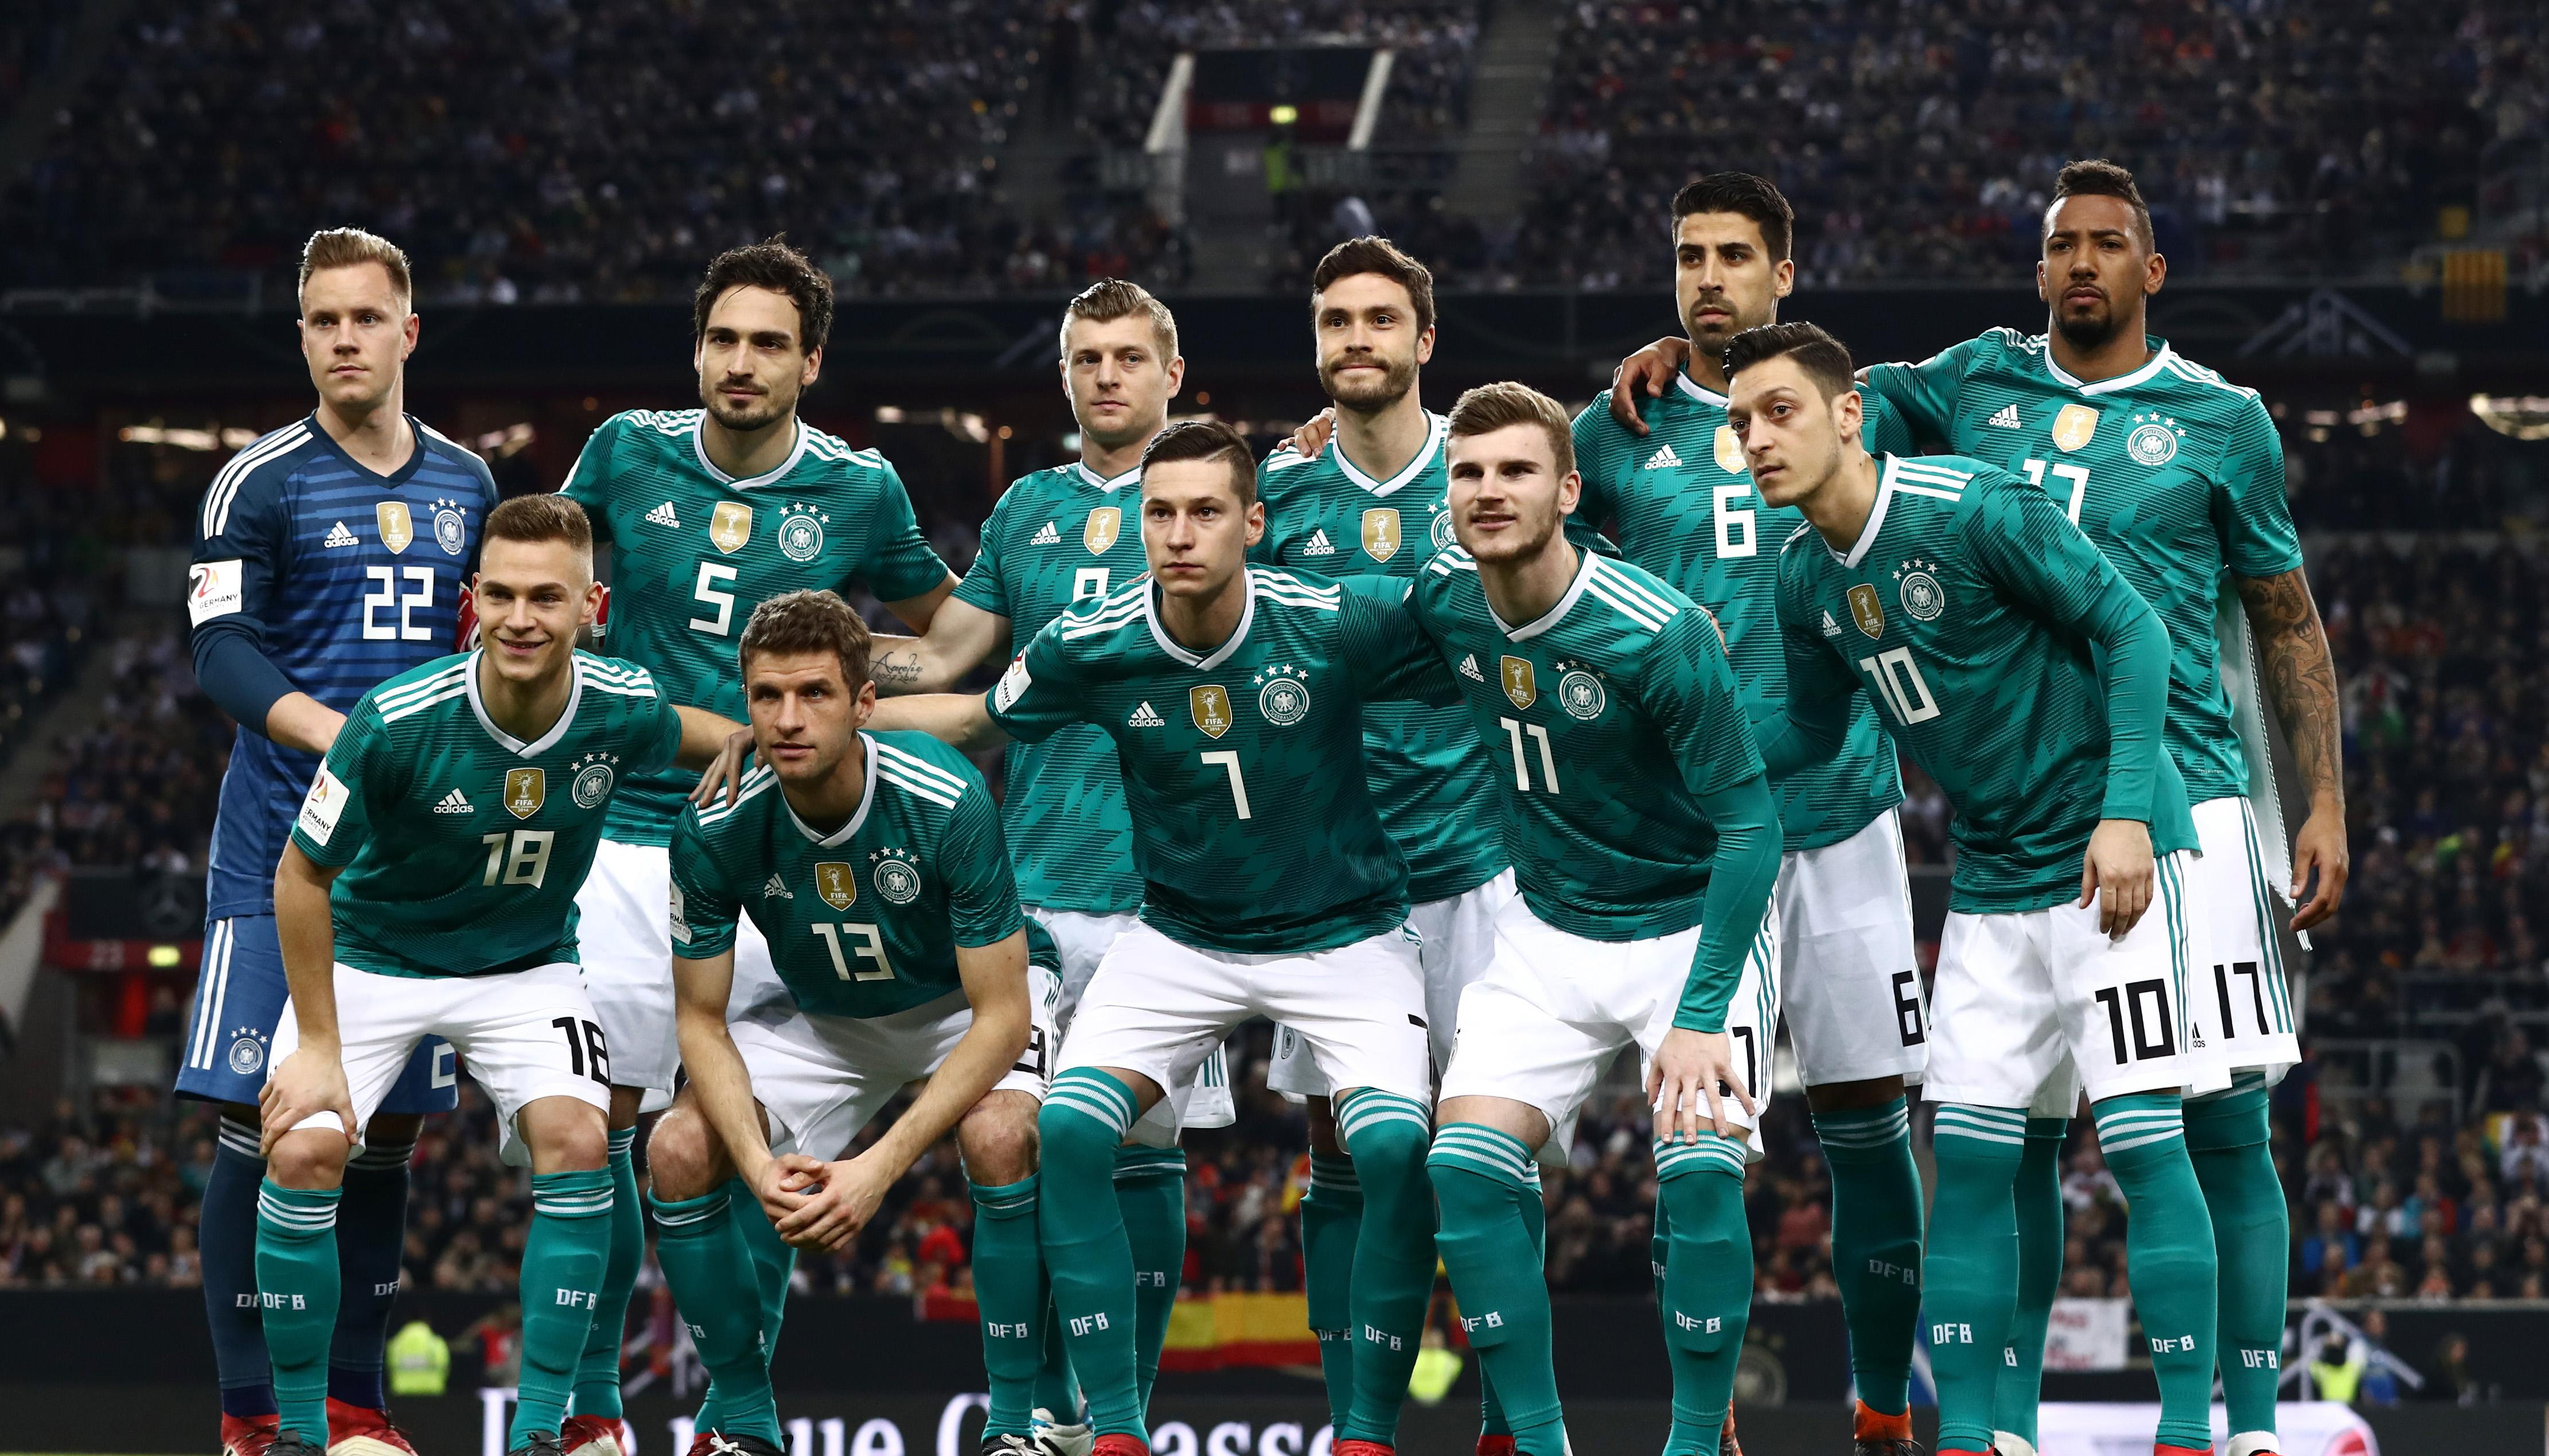 Nationalmannschaft: 3 wichtige Erkenntnisse aus dem Spanien-Spiel